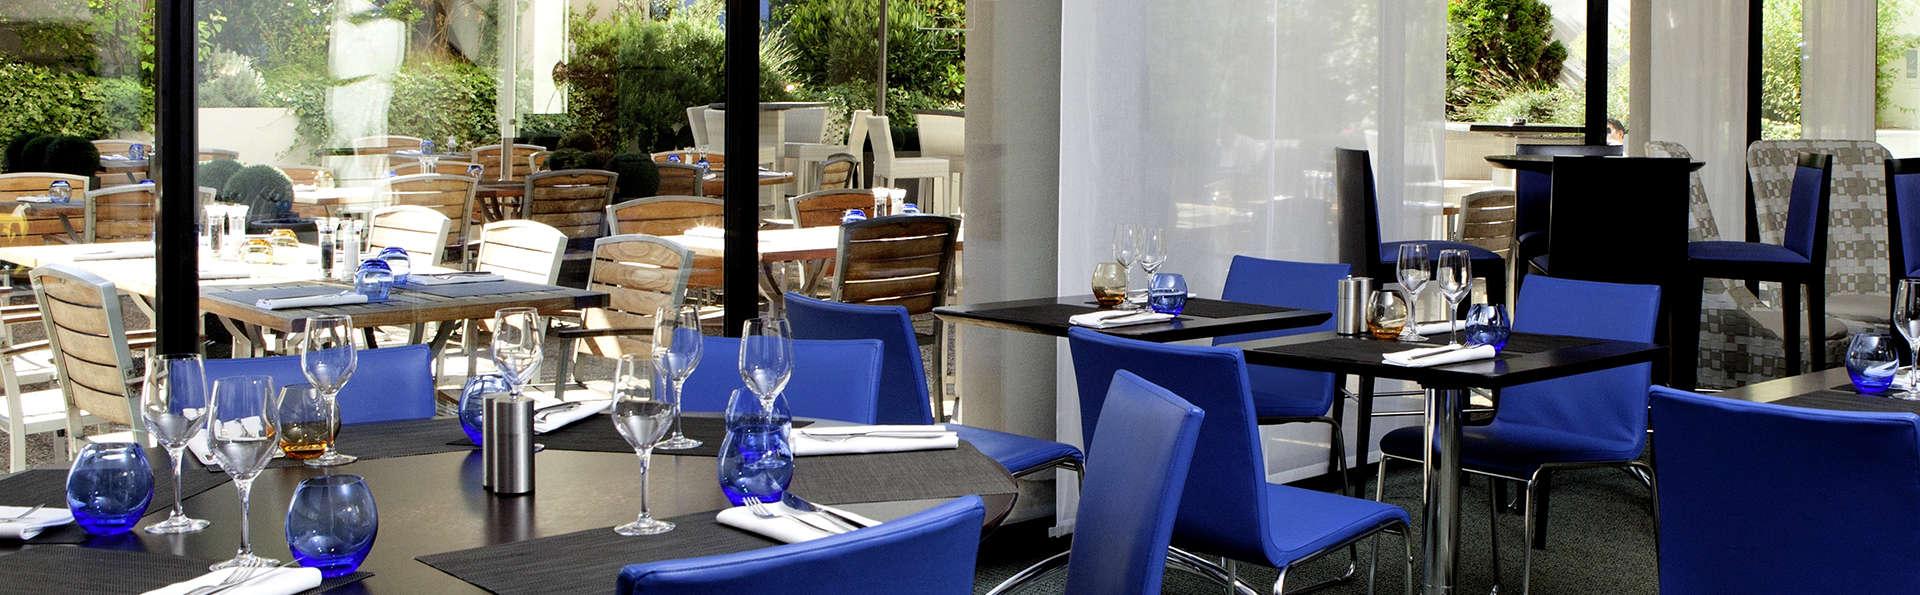 Séjour 4* avec dîner (boisson incluse) au cœur de Paris